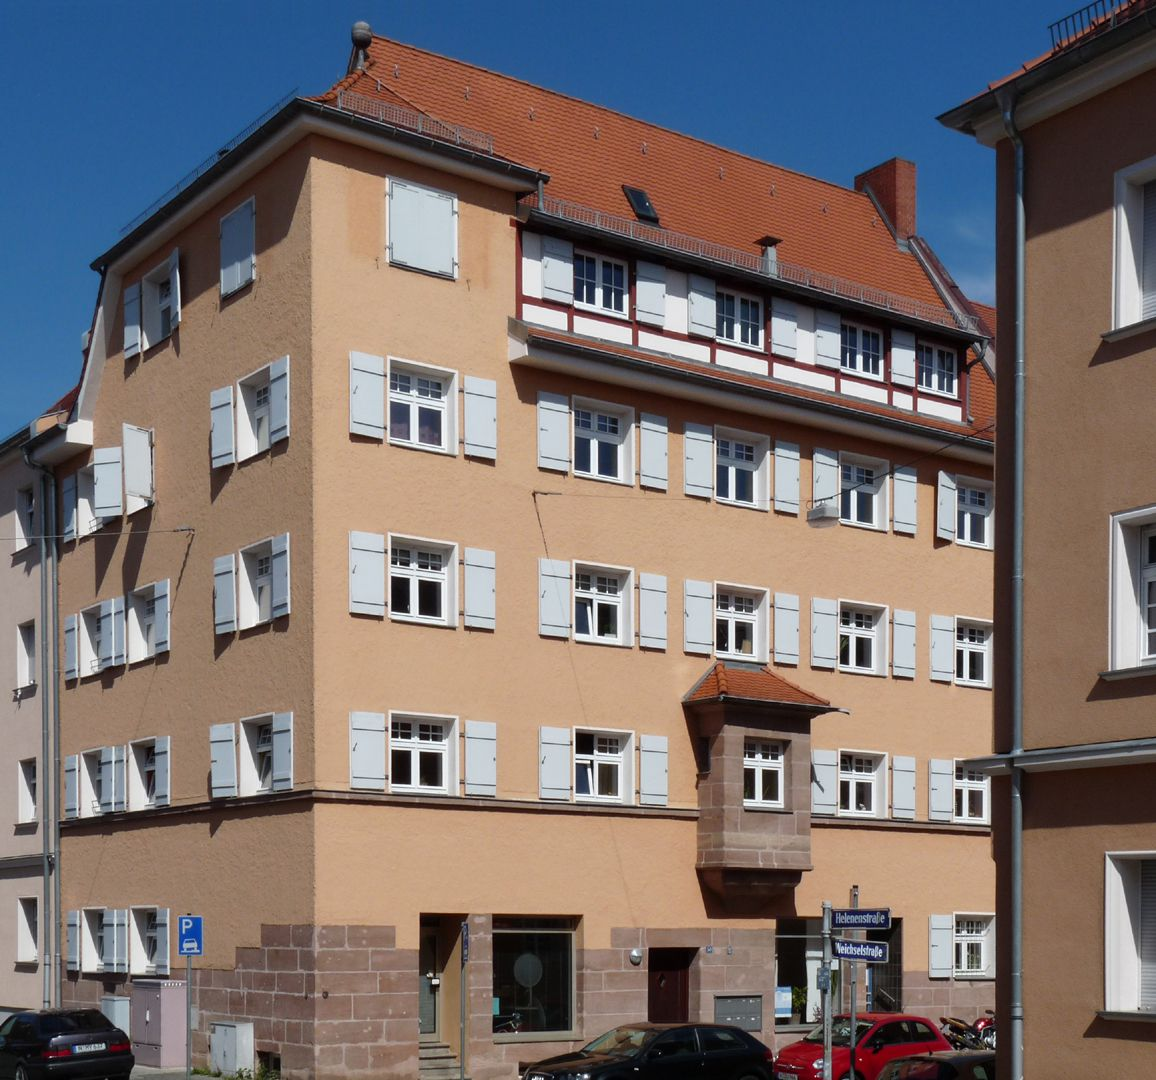 Wohnhaus, Weichselstraße 10 Gesamtansicht von SW